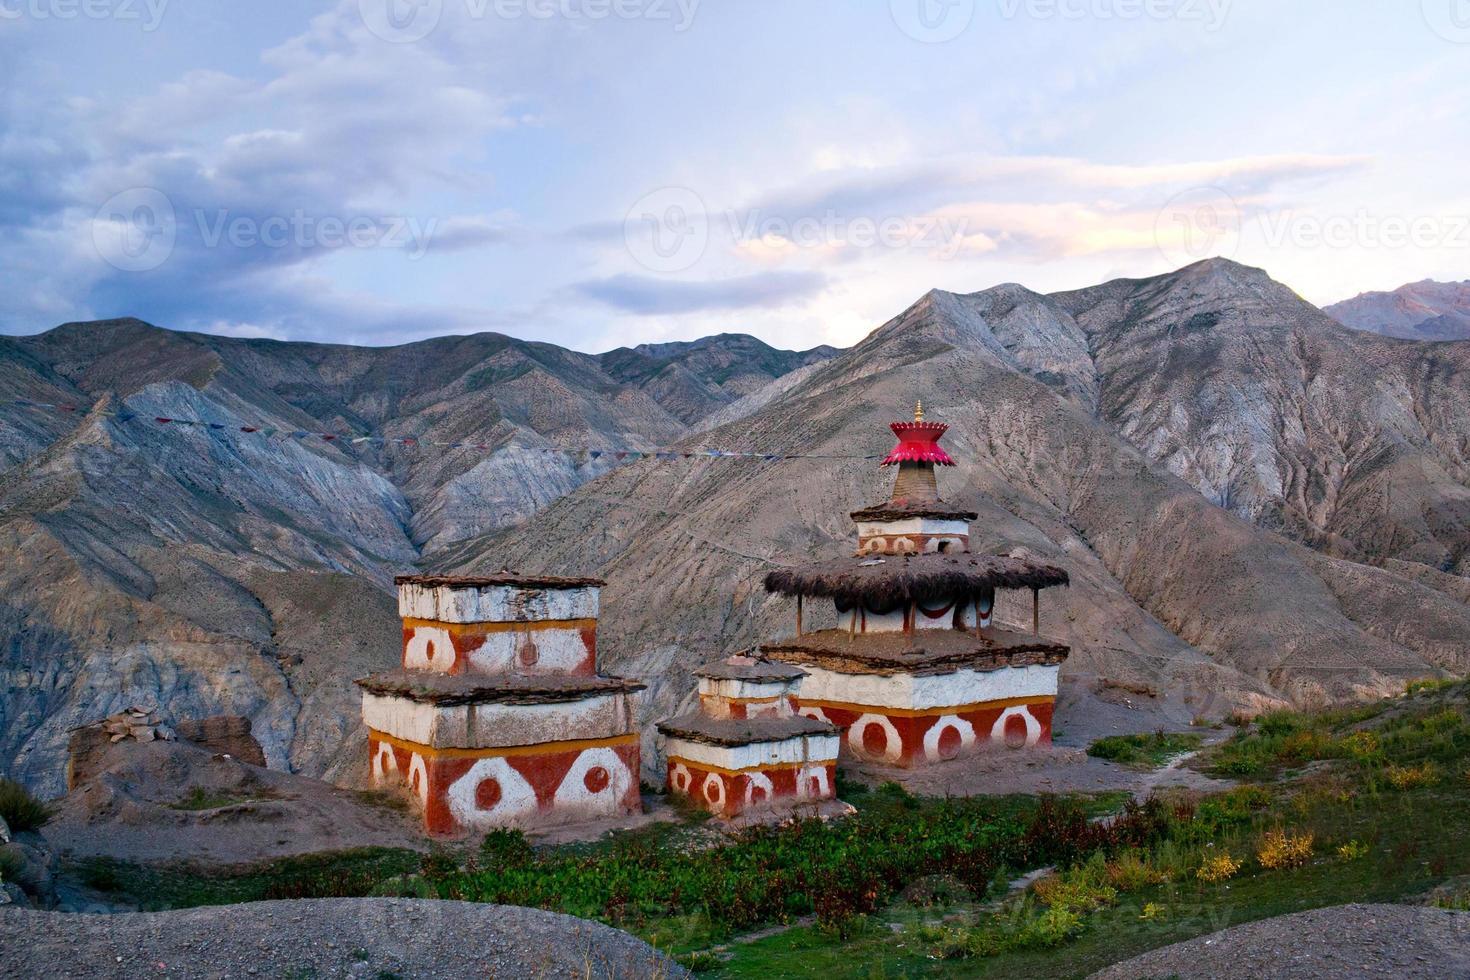 oude bon stupa in dolpo, nepal foto